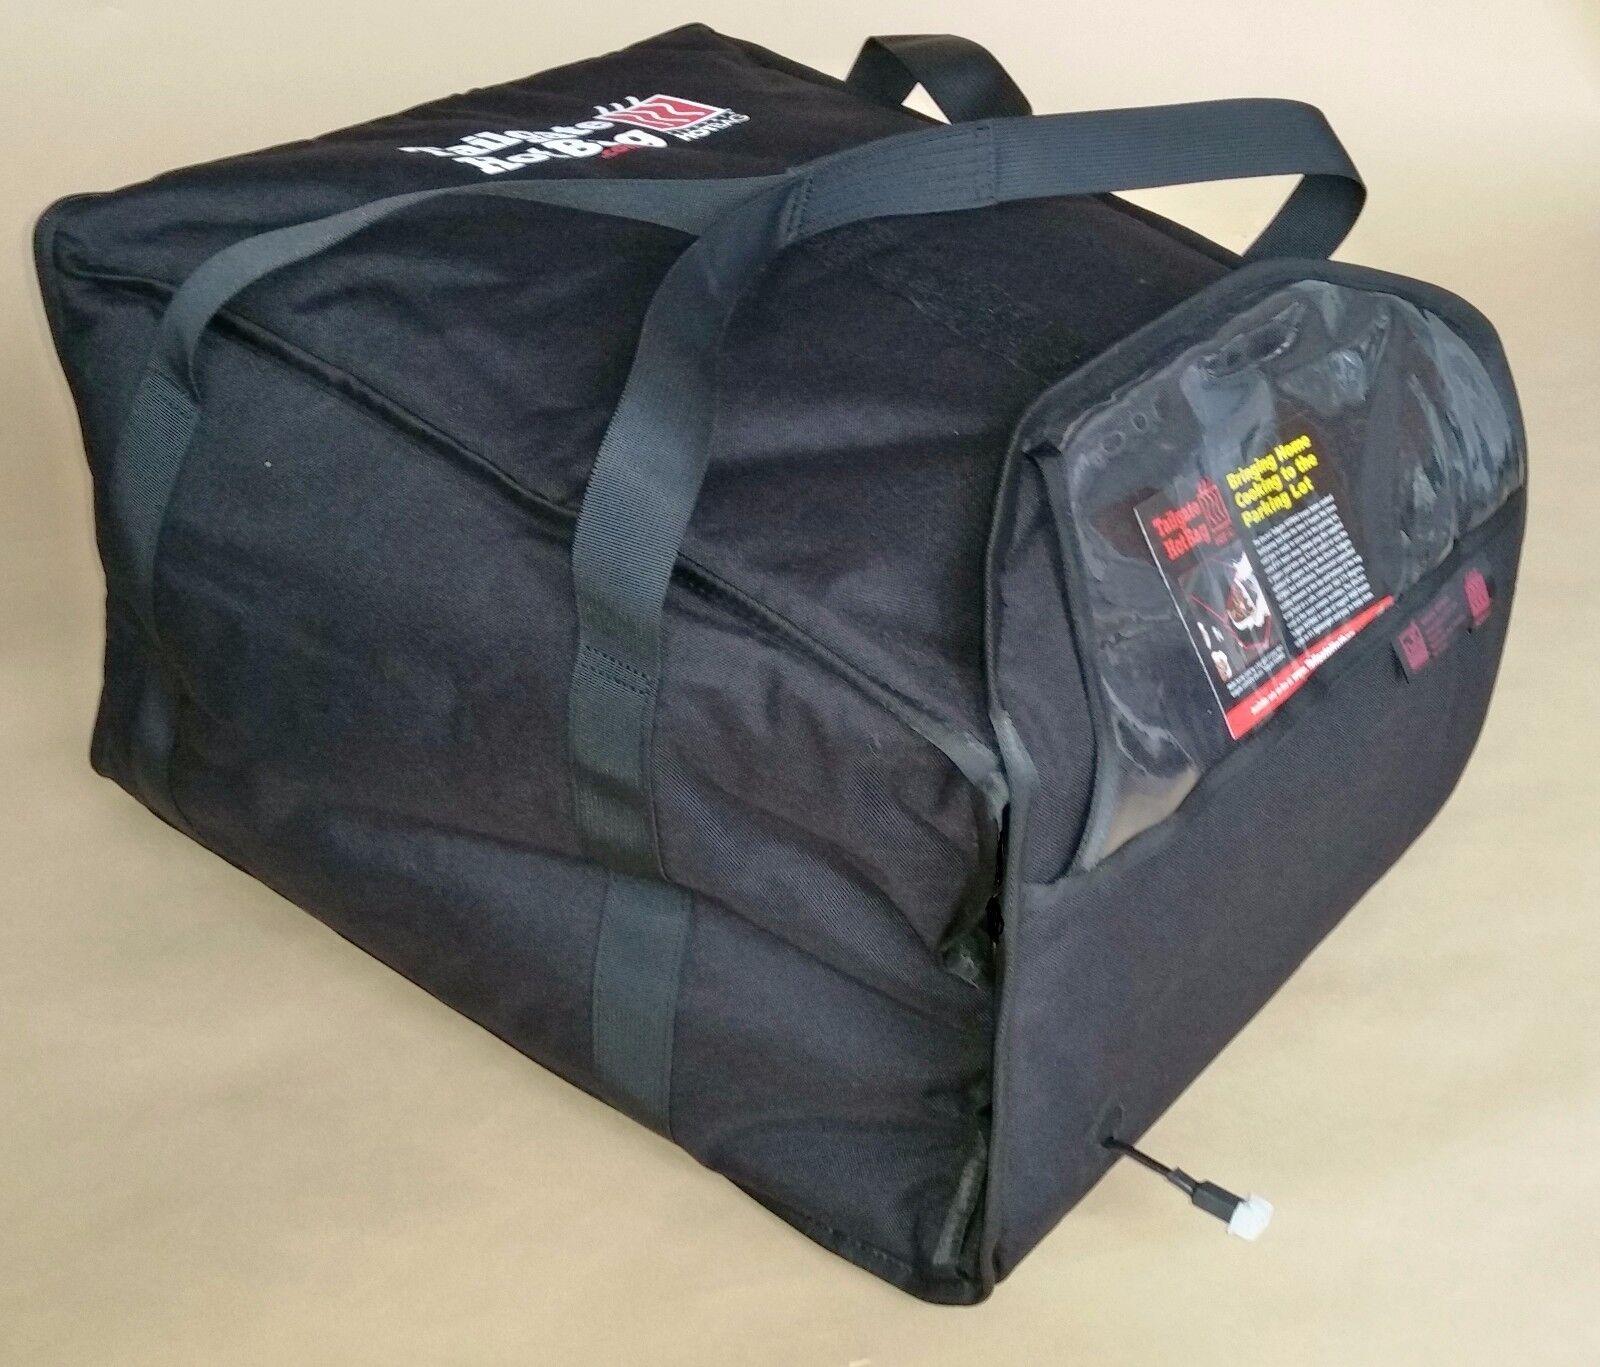 Hayon Hotbag large 12 V portable Food Warmer